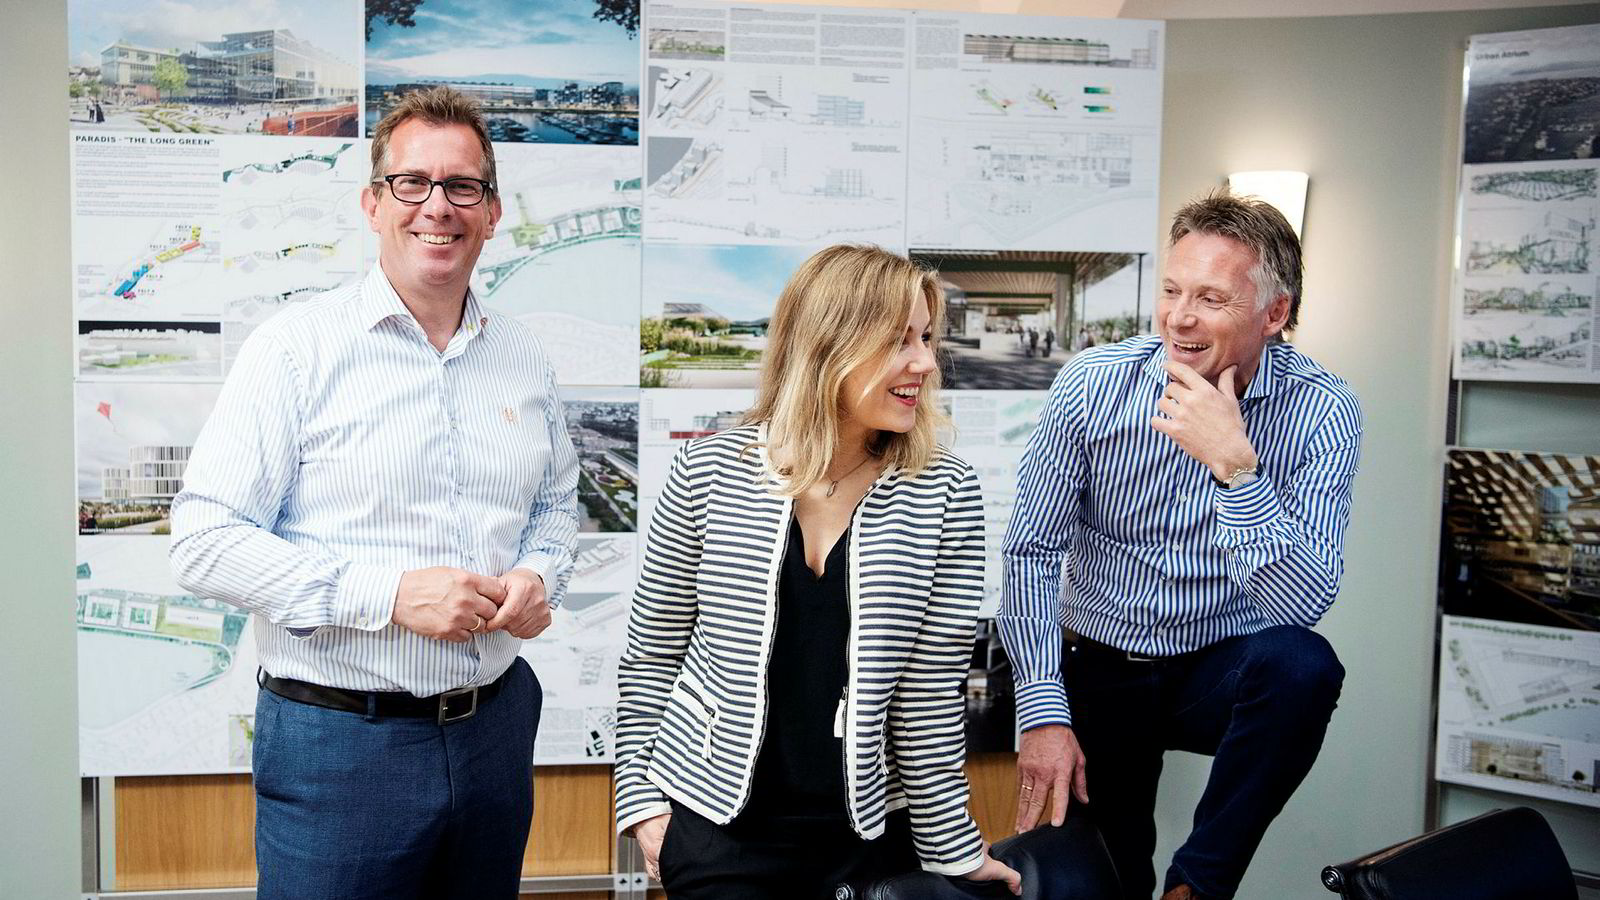 Nicolay Schreuder fra Bane NOR Eiendom, Marianne Stigset i Aker-selskapet FP Eiendom og Base-sjef Alfred Ydstebø presenterte onsdag vinnerutkastet i for eiendomsutviklingsprosjektet Paradis Midt og Nord i Stavanger.